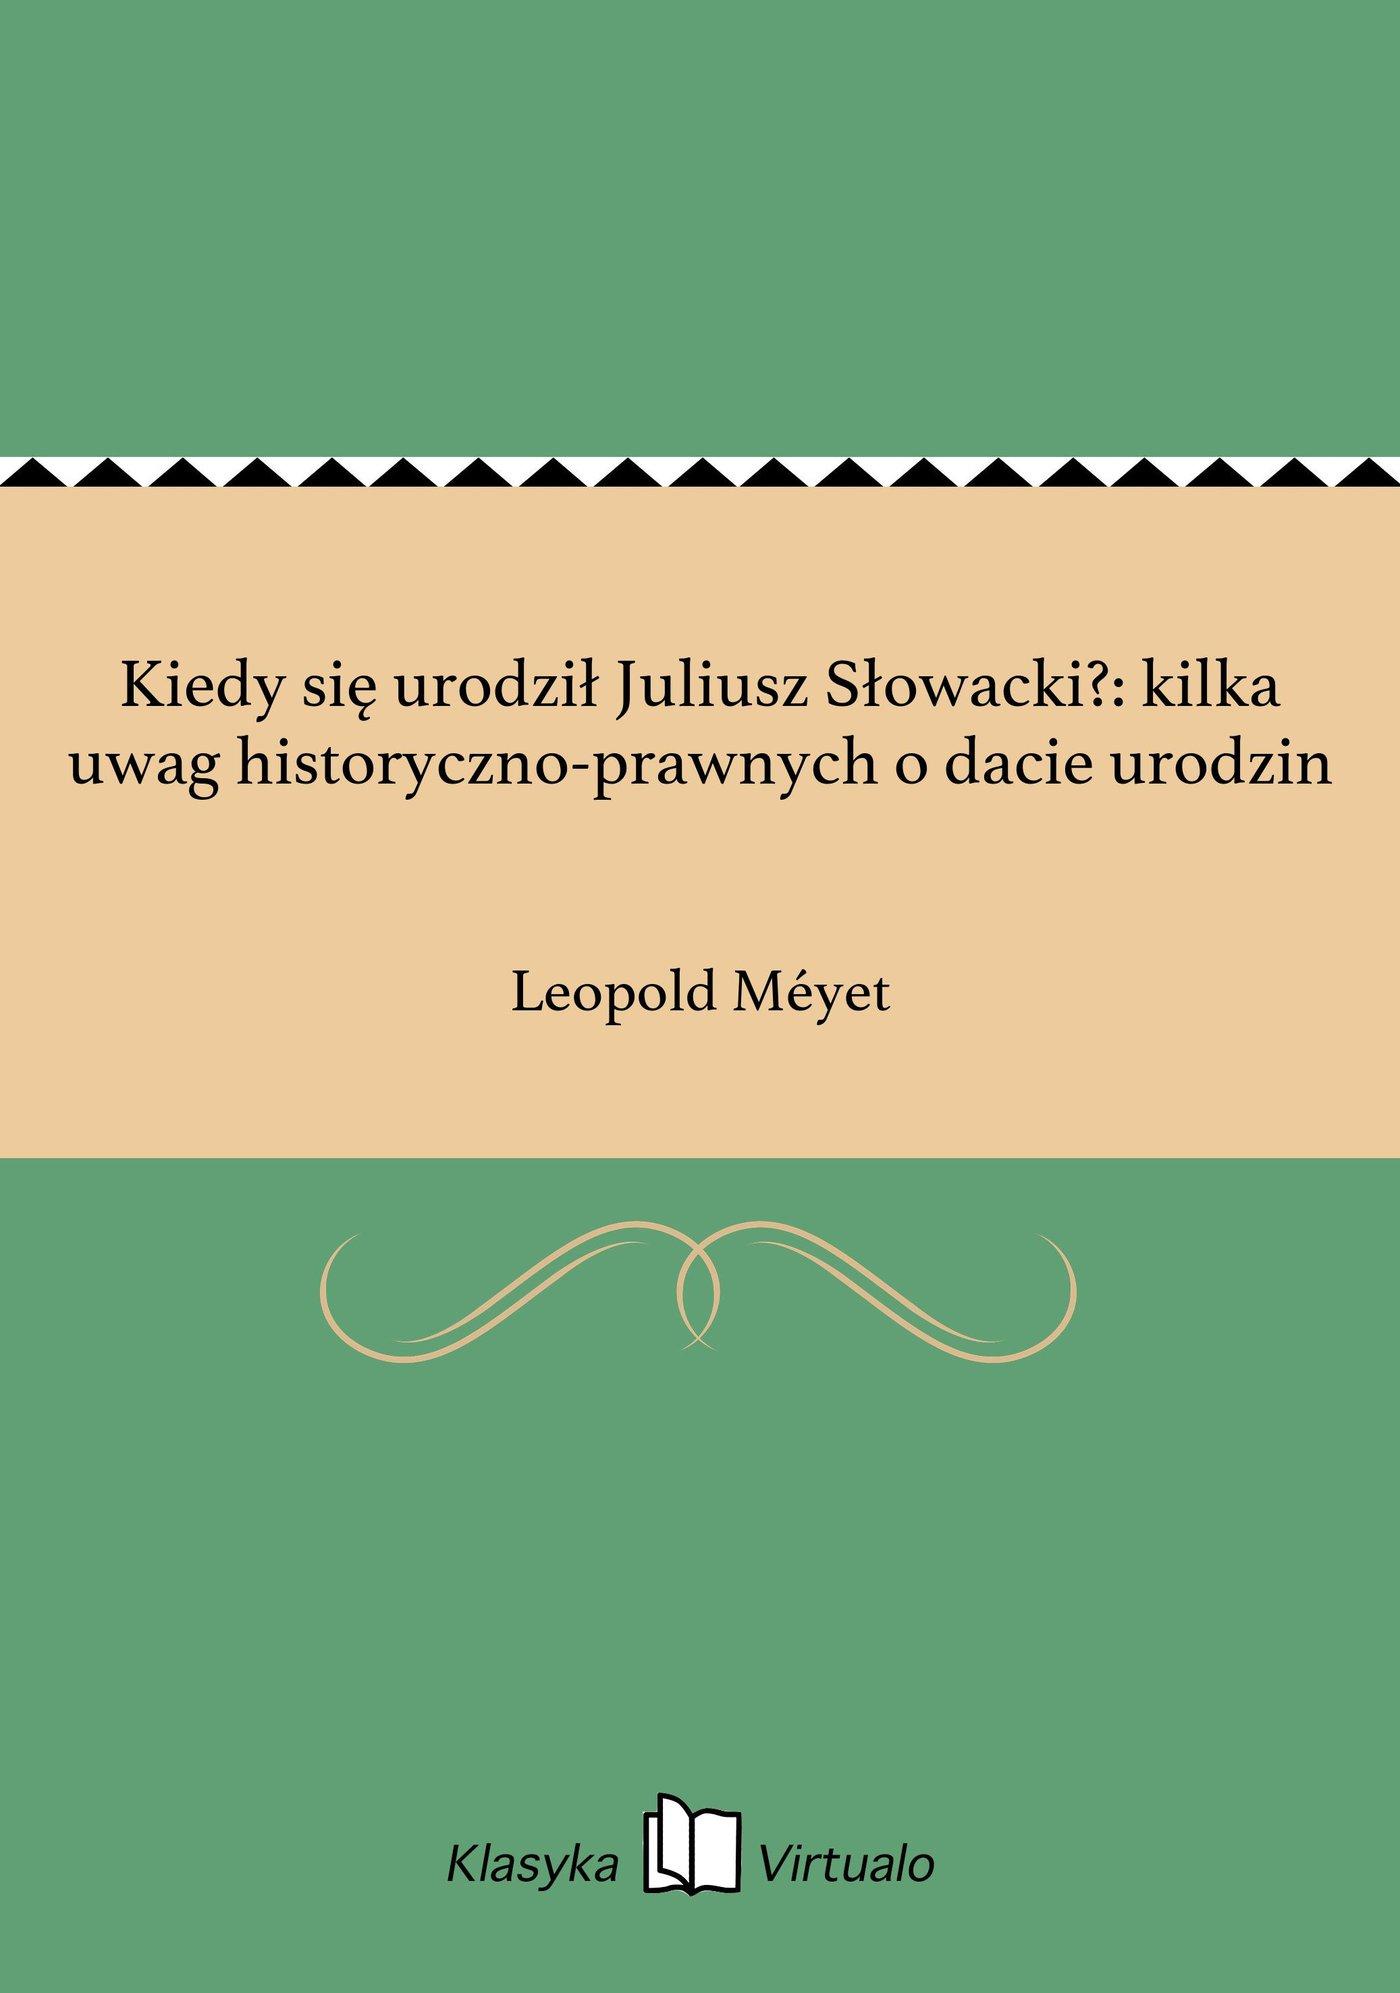 Kiedy się urodził Juliusz Słowacki?: kilka uwag historyczno-prawnych o dacie urodzin - Ebook (Książka EPUB) do pobrania w formacie EPUB